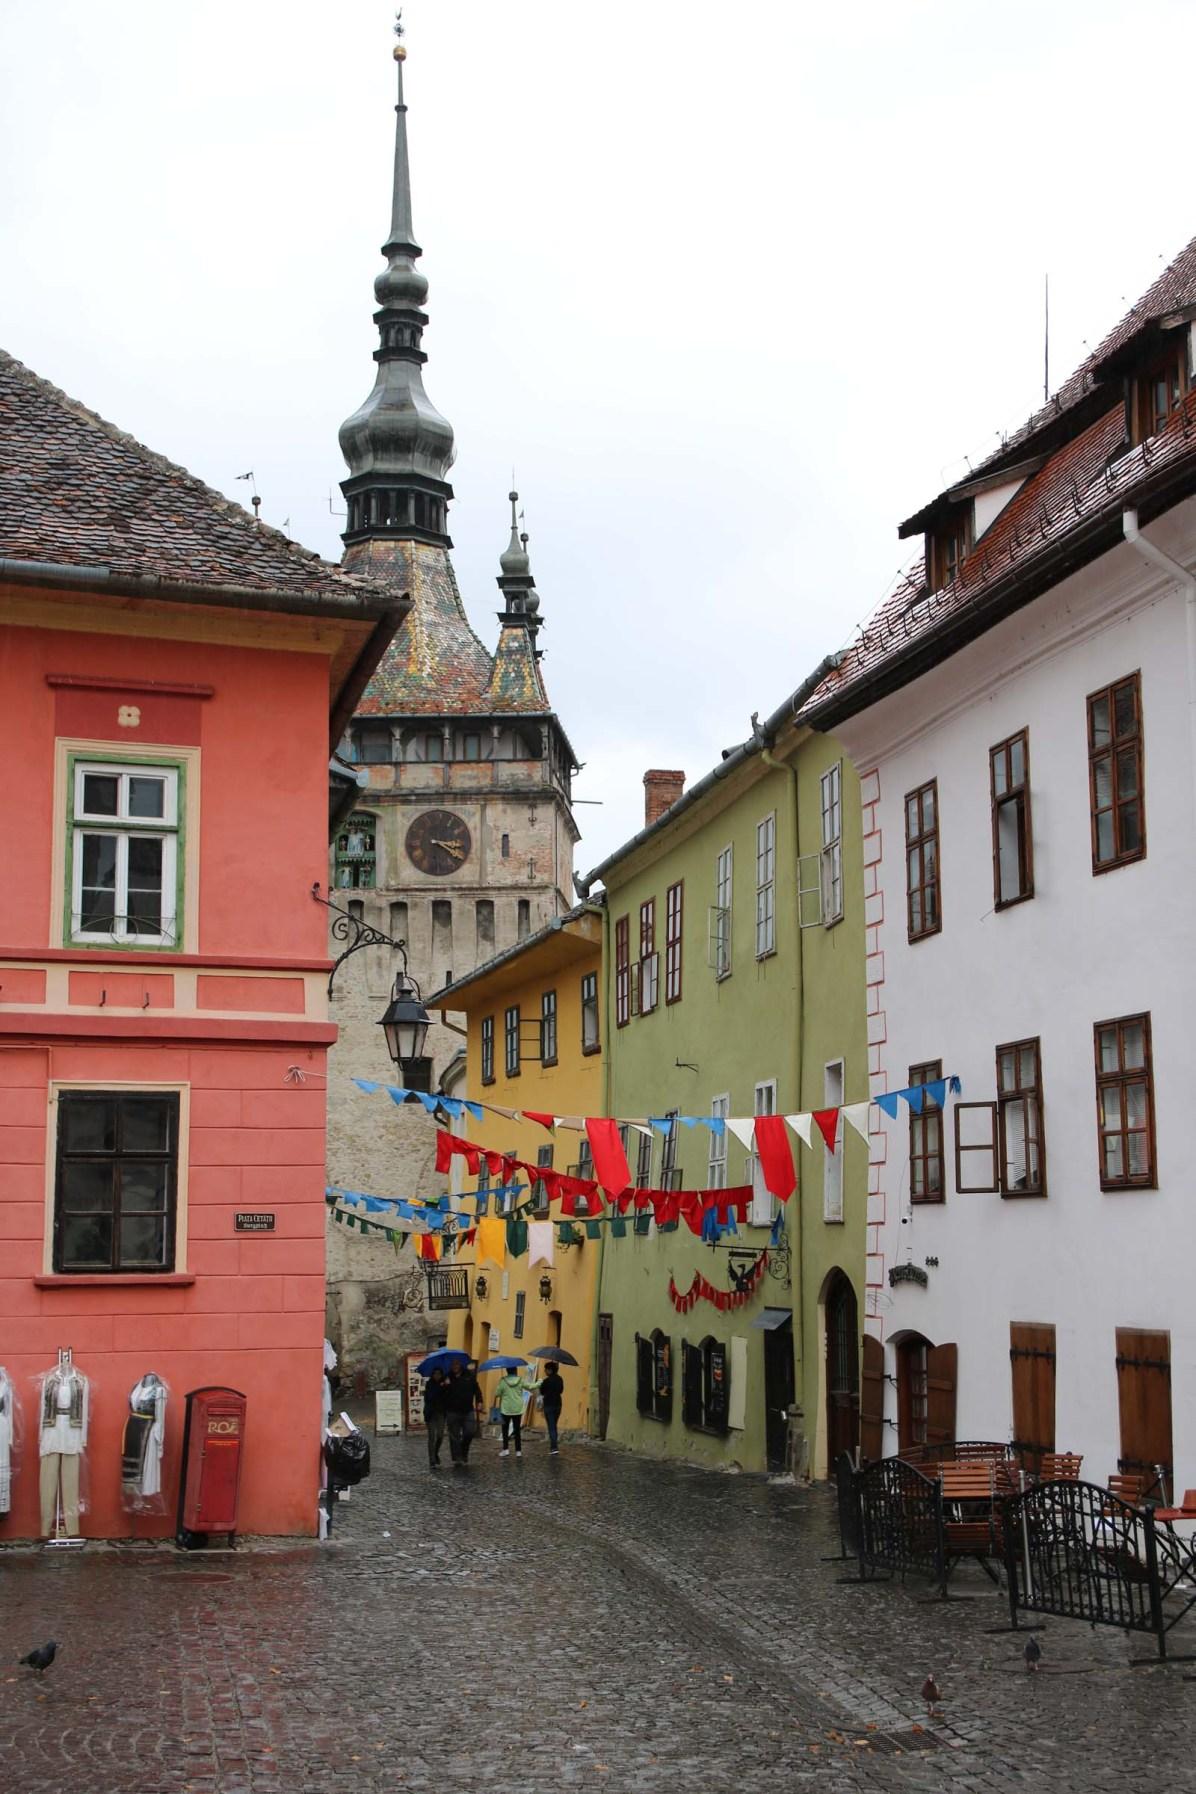 Die schmucke Altstadt in Schässburg mit dem angeblichen (gelben) Geburtshaus Graf Draculas.